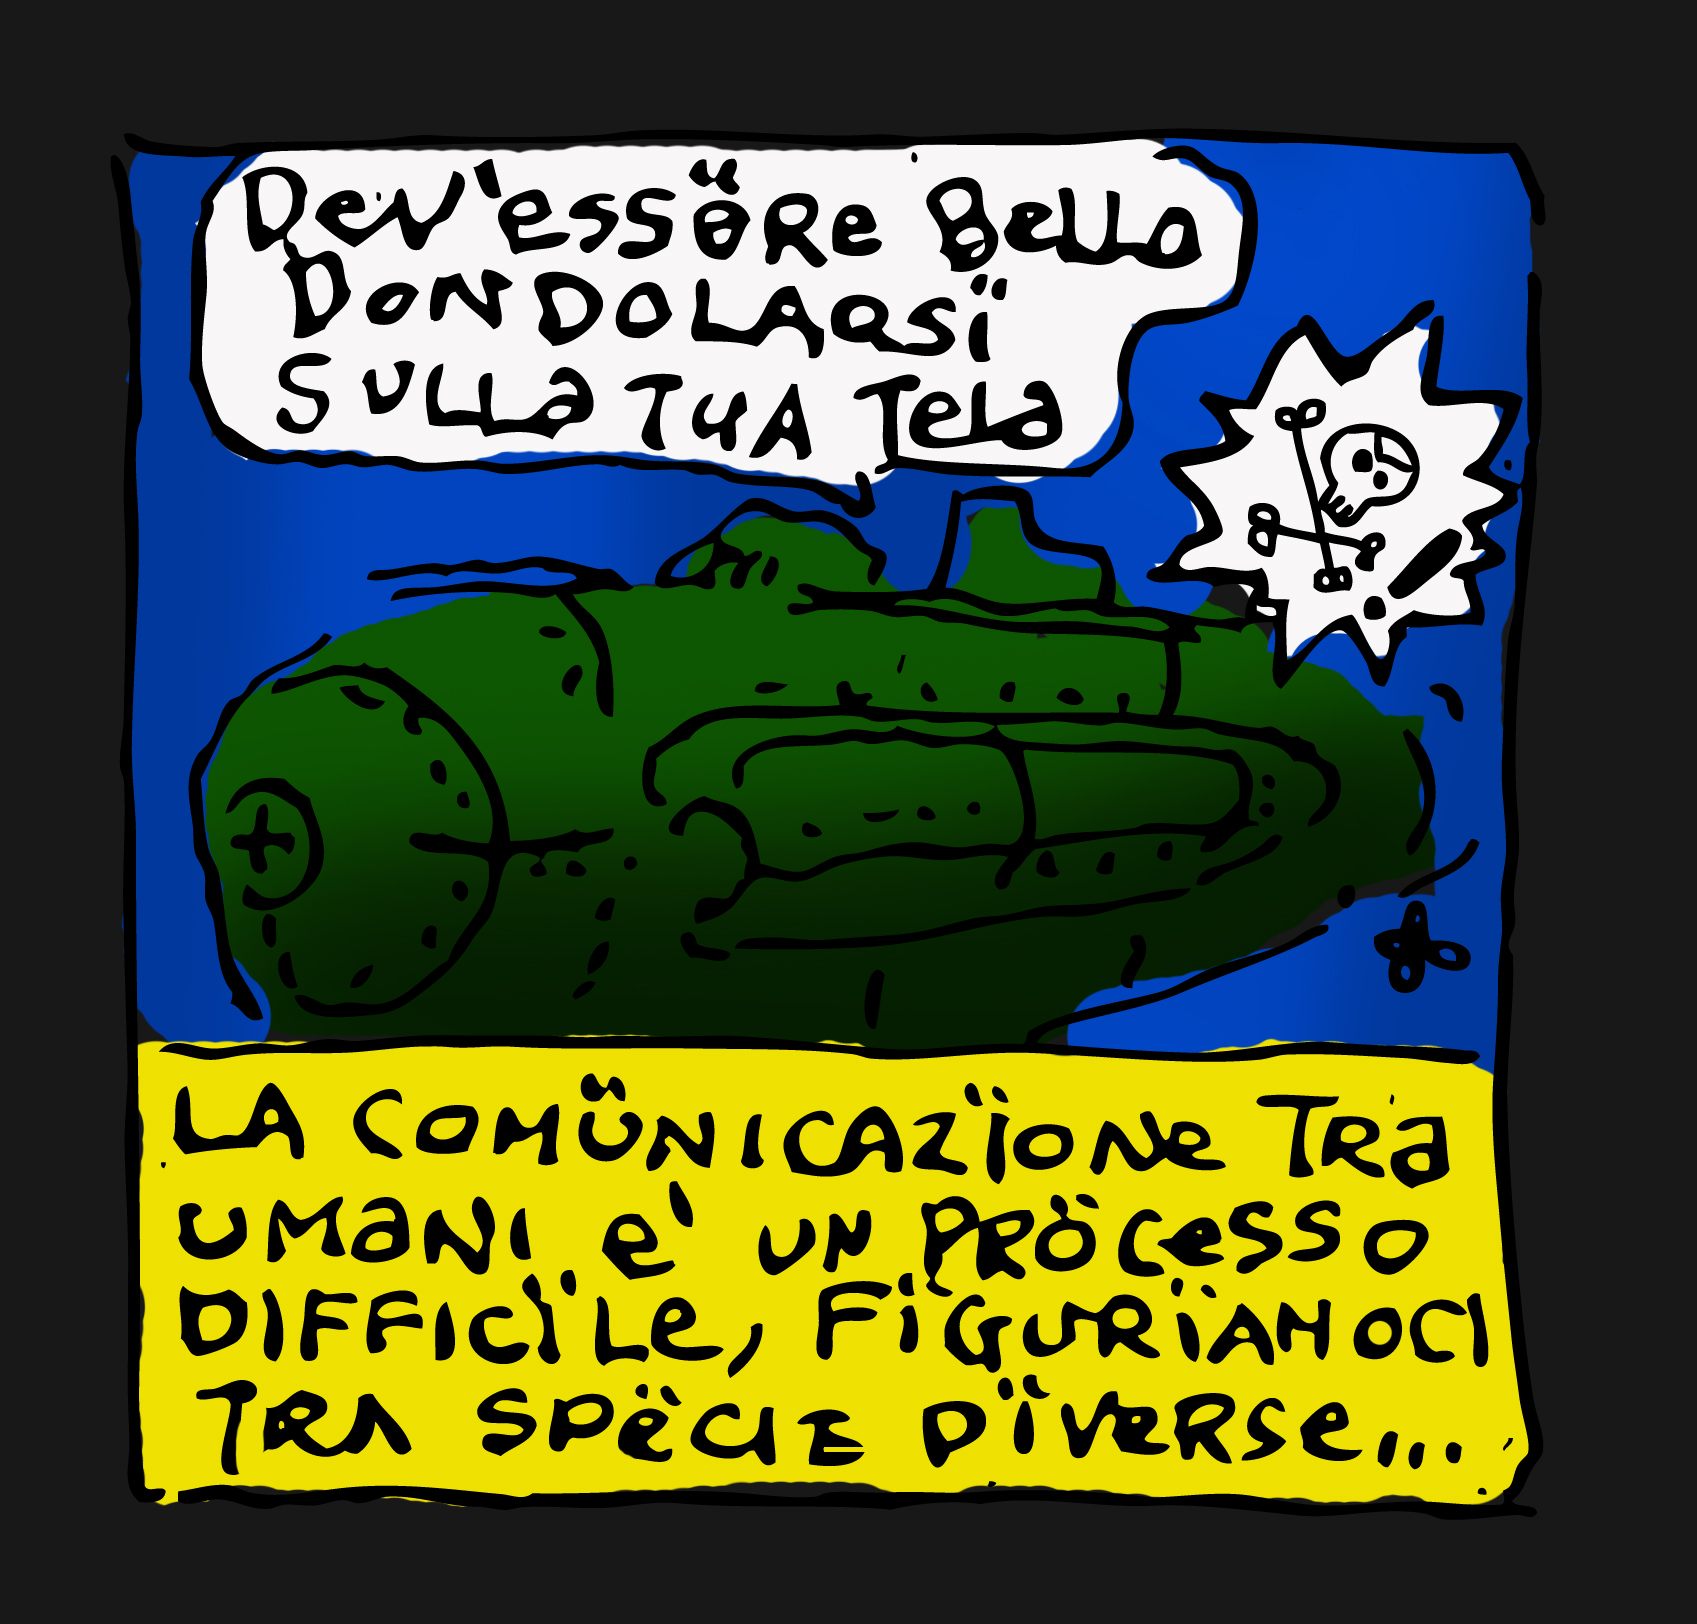 Q-721 submarine webcomics - ragno3